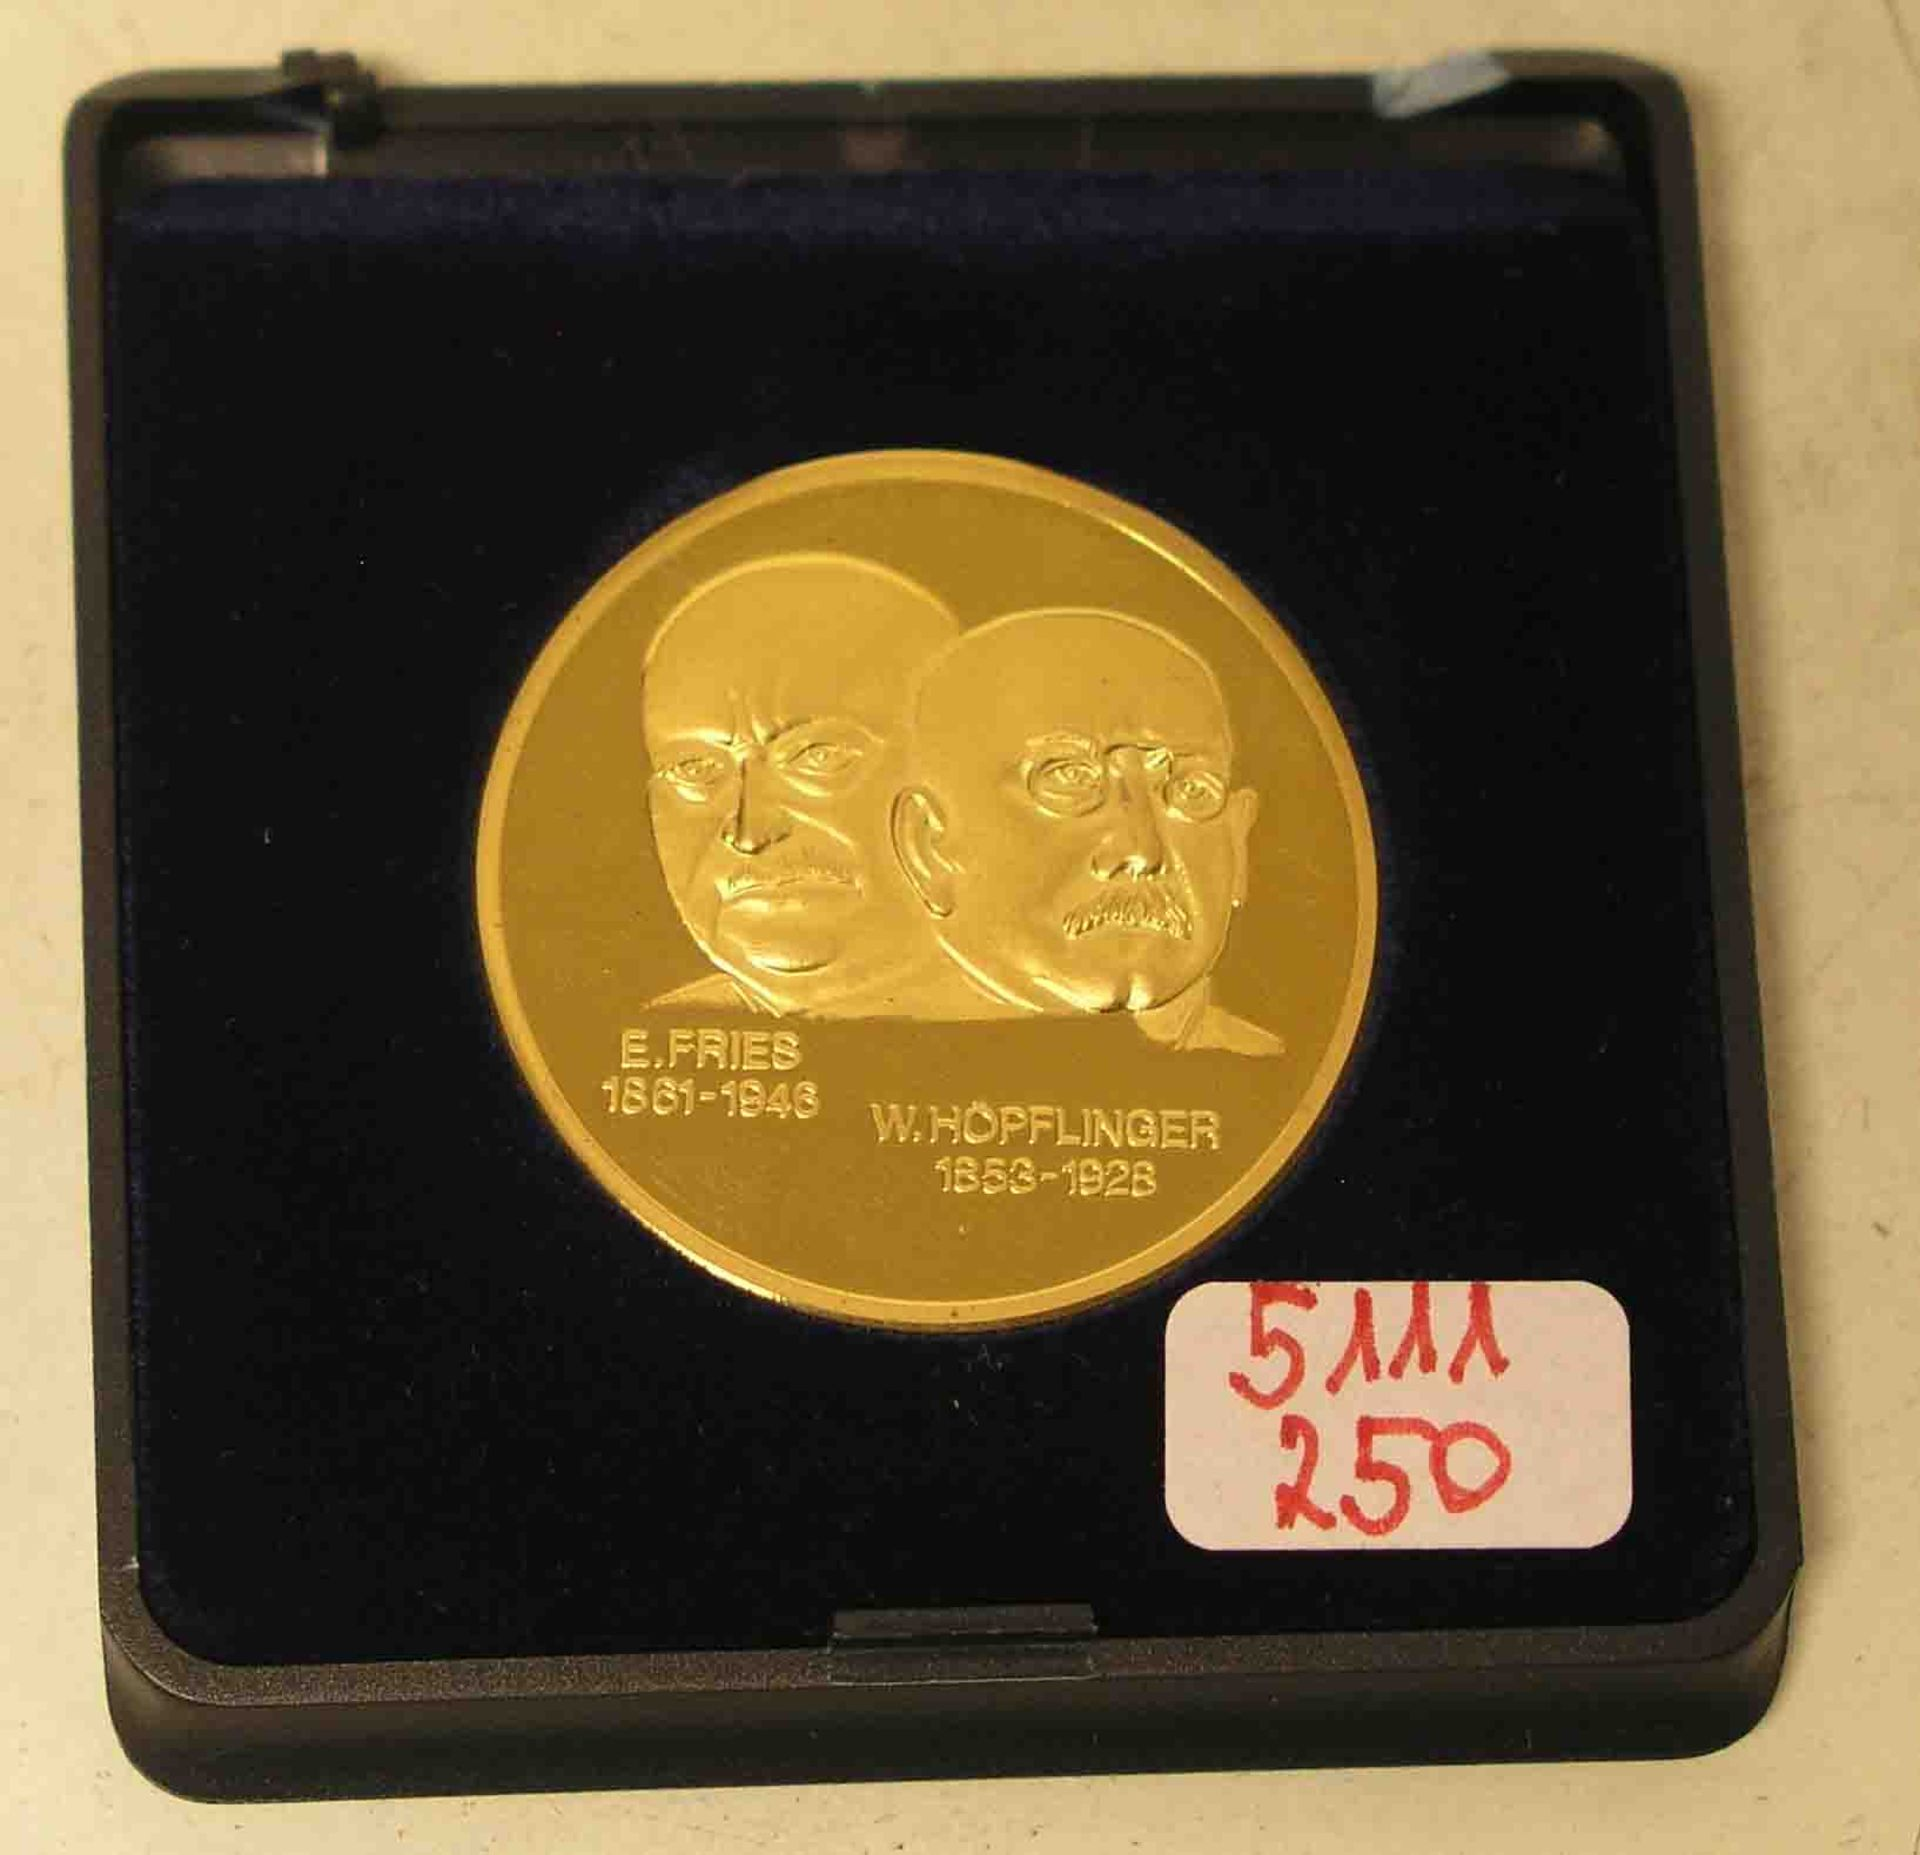 Goldmedaille E. Fries und Wilhelm